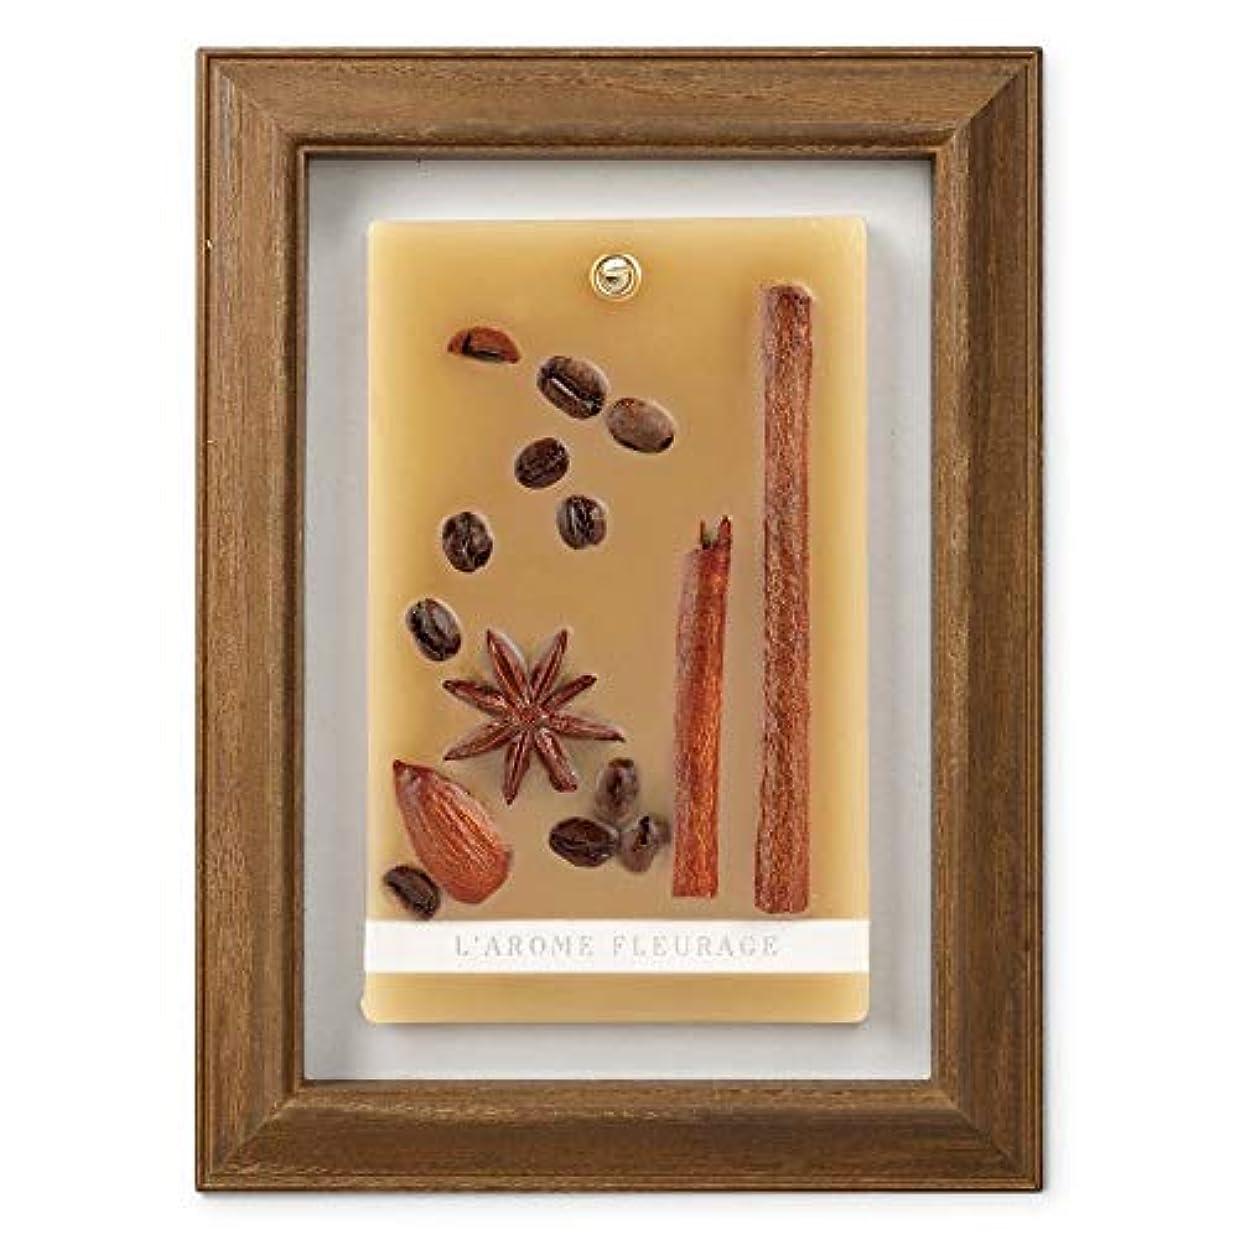 同意捨てる靴FLEURAGE(フルラージュ) アロマワックスサシェ コーヒーの香り Coffee×AntiqueBrown KH-61117